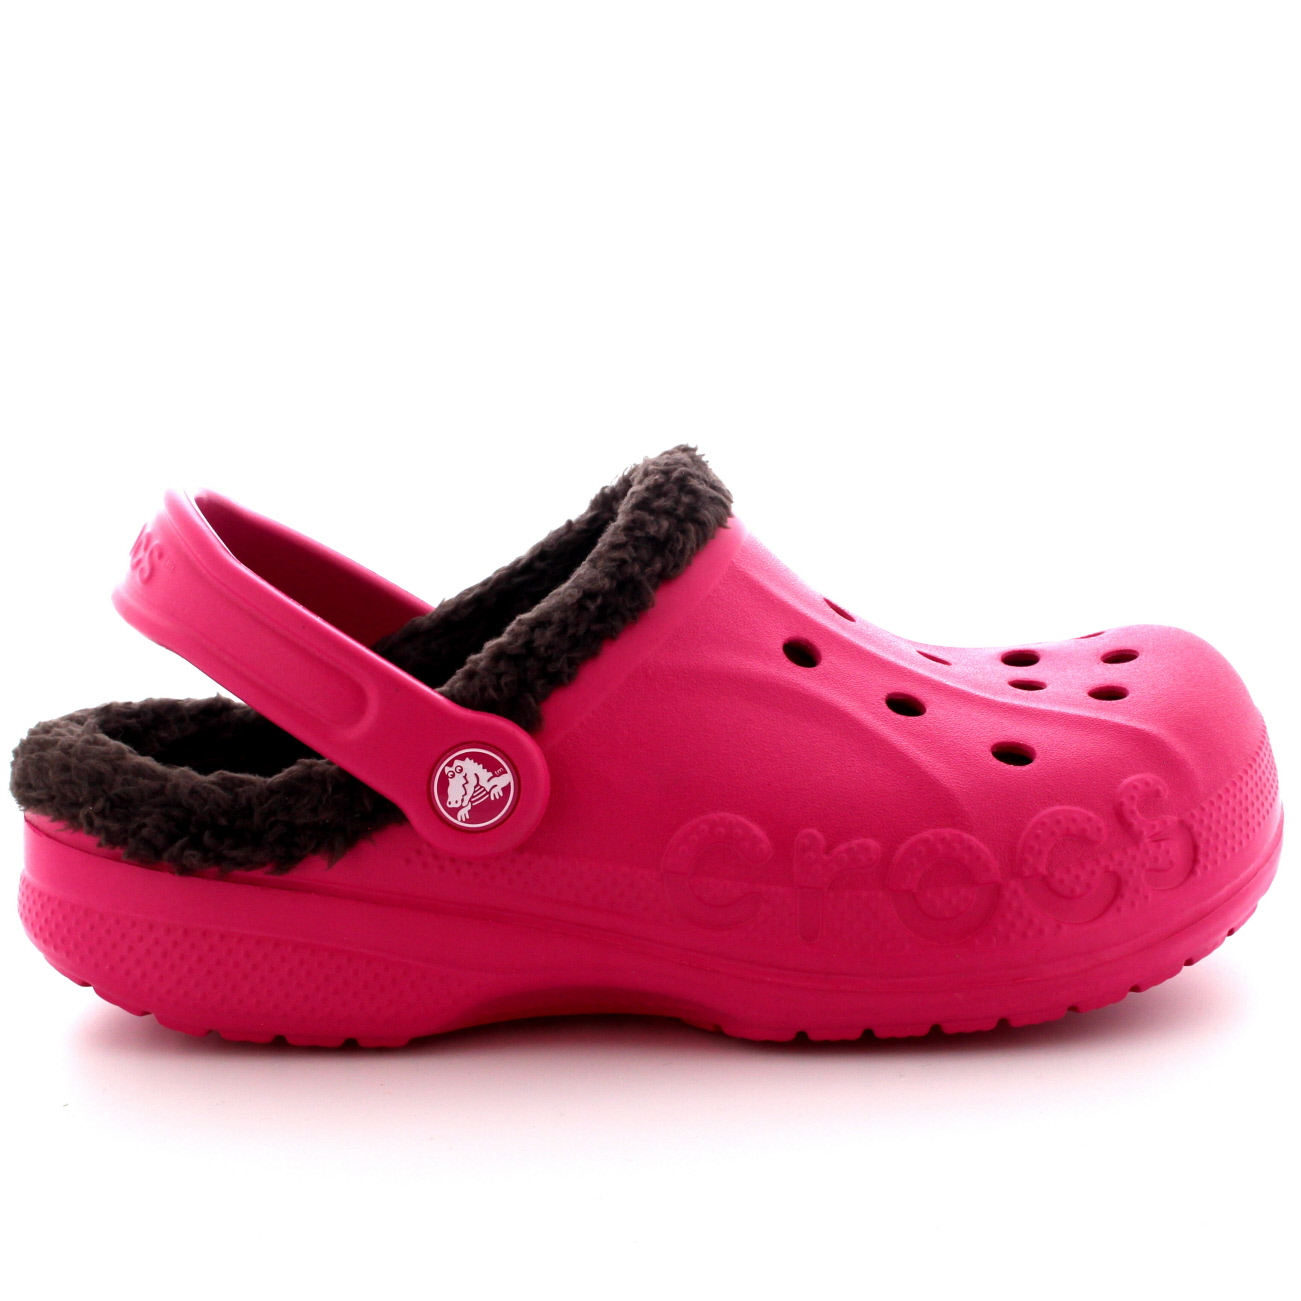 Zapatos crocs suecos para fofuch s goma unisex adultos - Zapatos para cocina ...